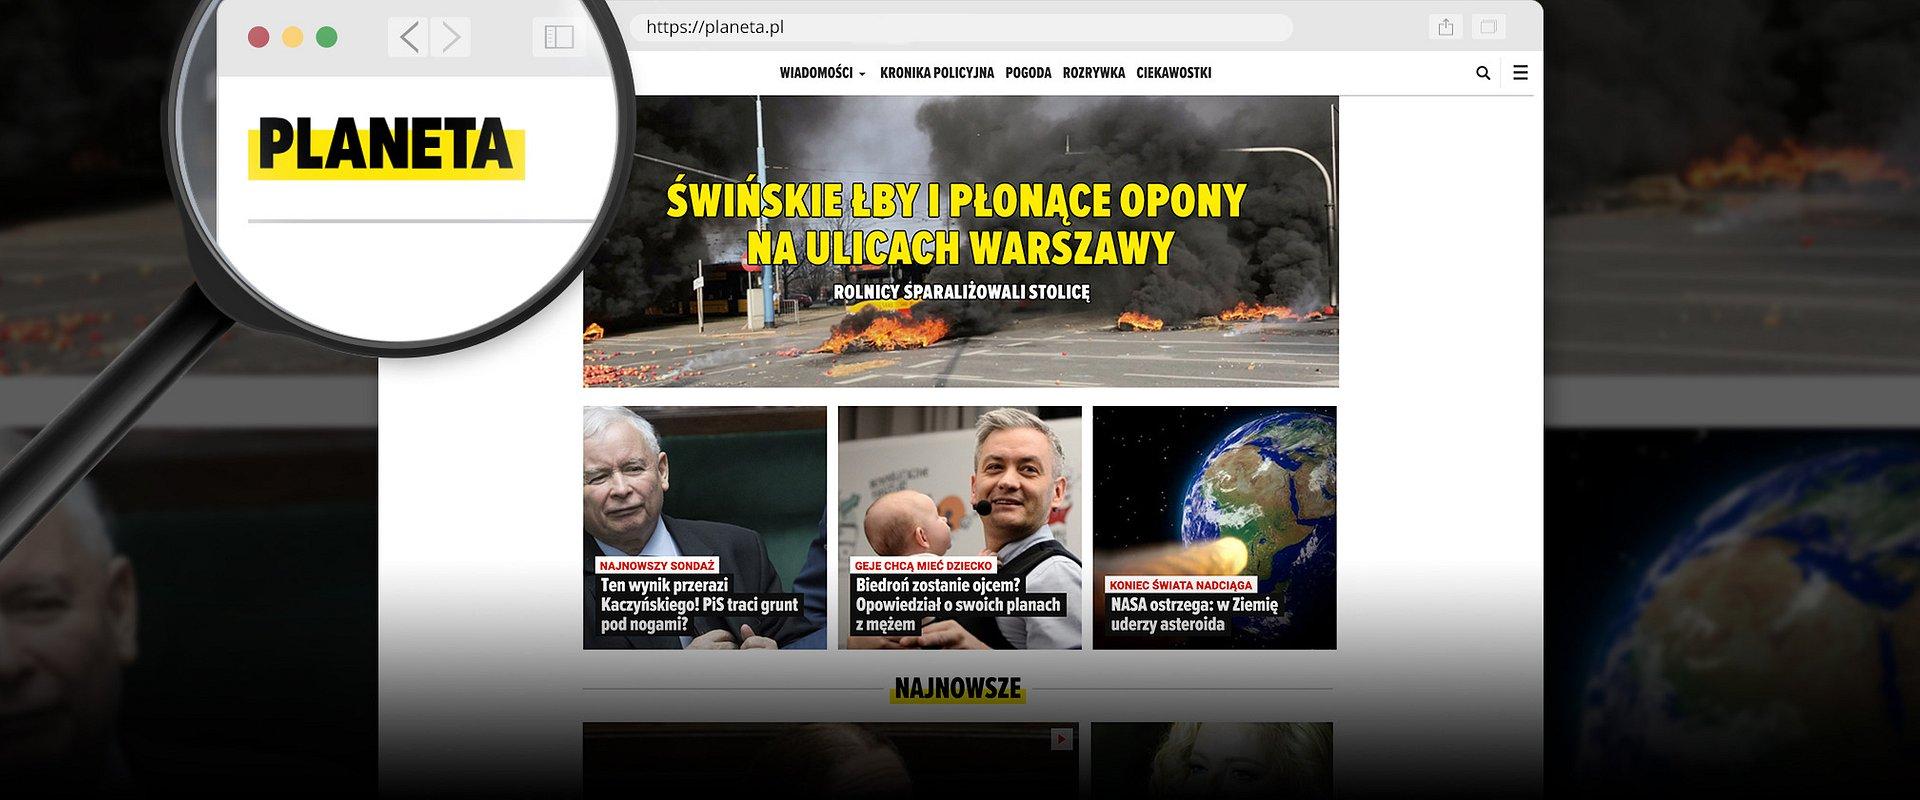 Eurozet z nowym serwisem Planeta.pl